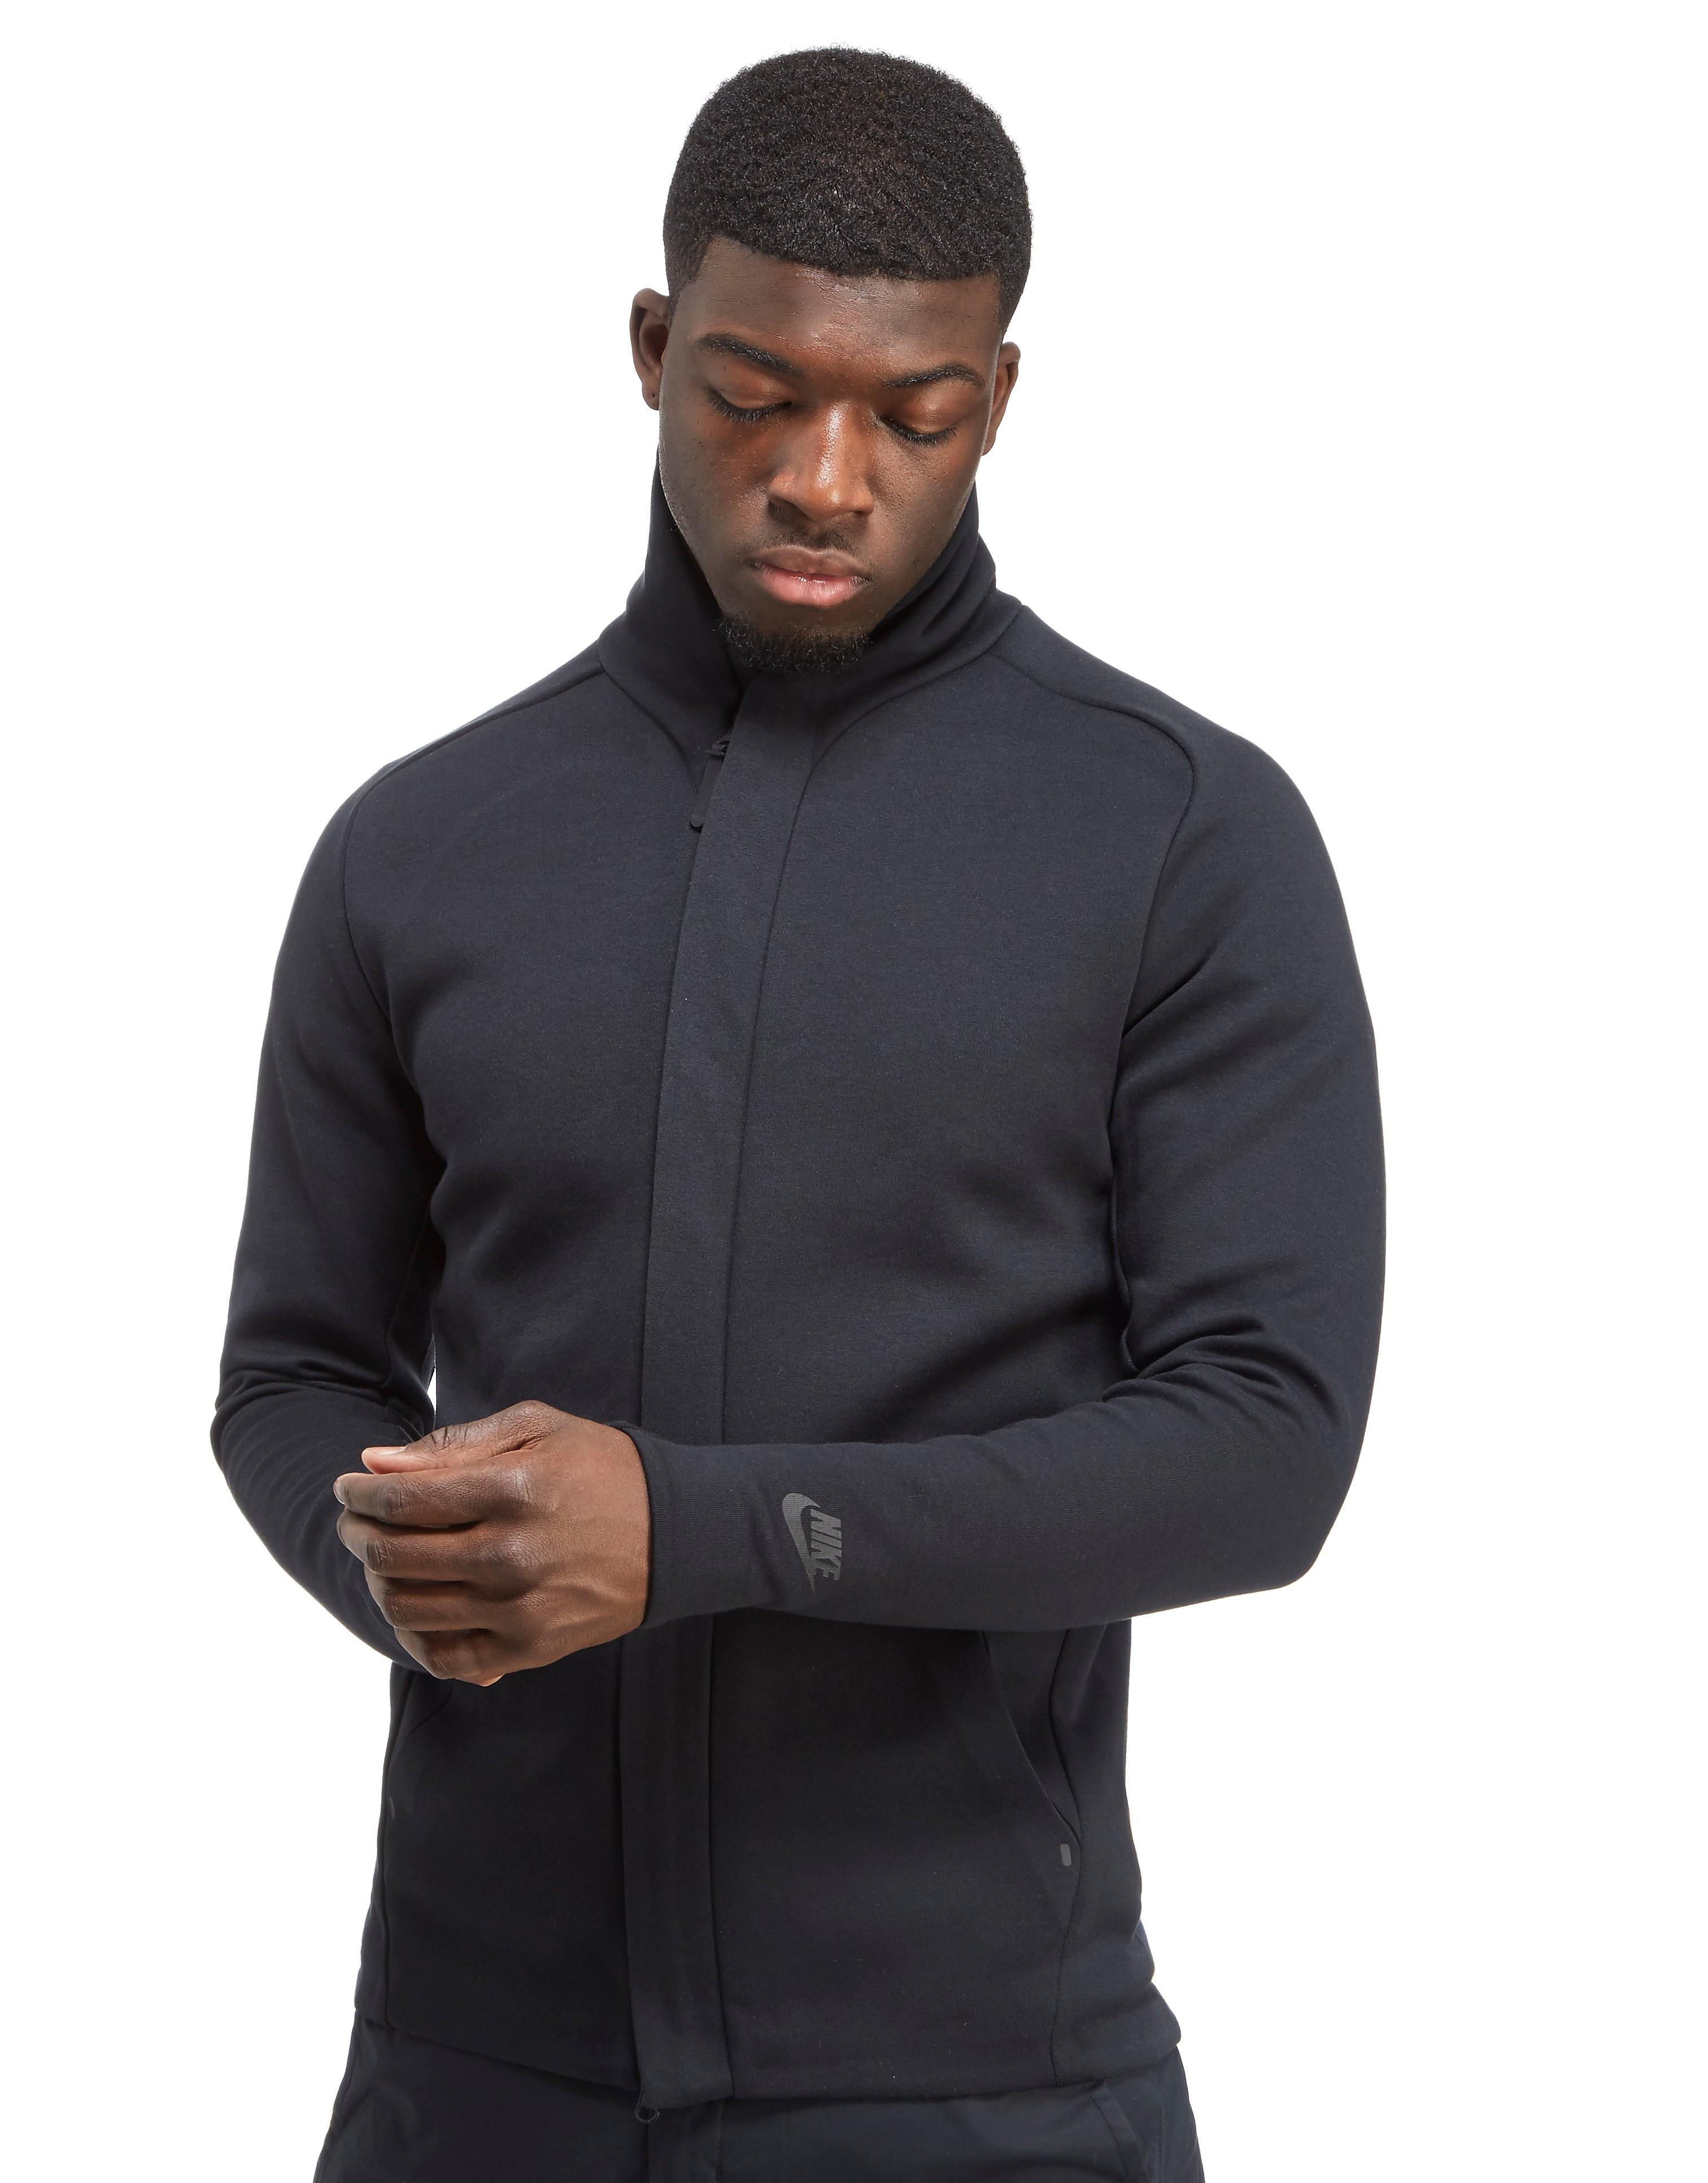 Nike Sportswear Tech Fleece Track Top